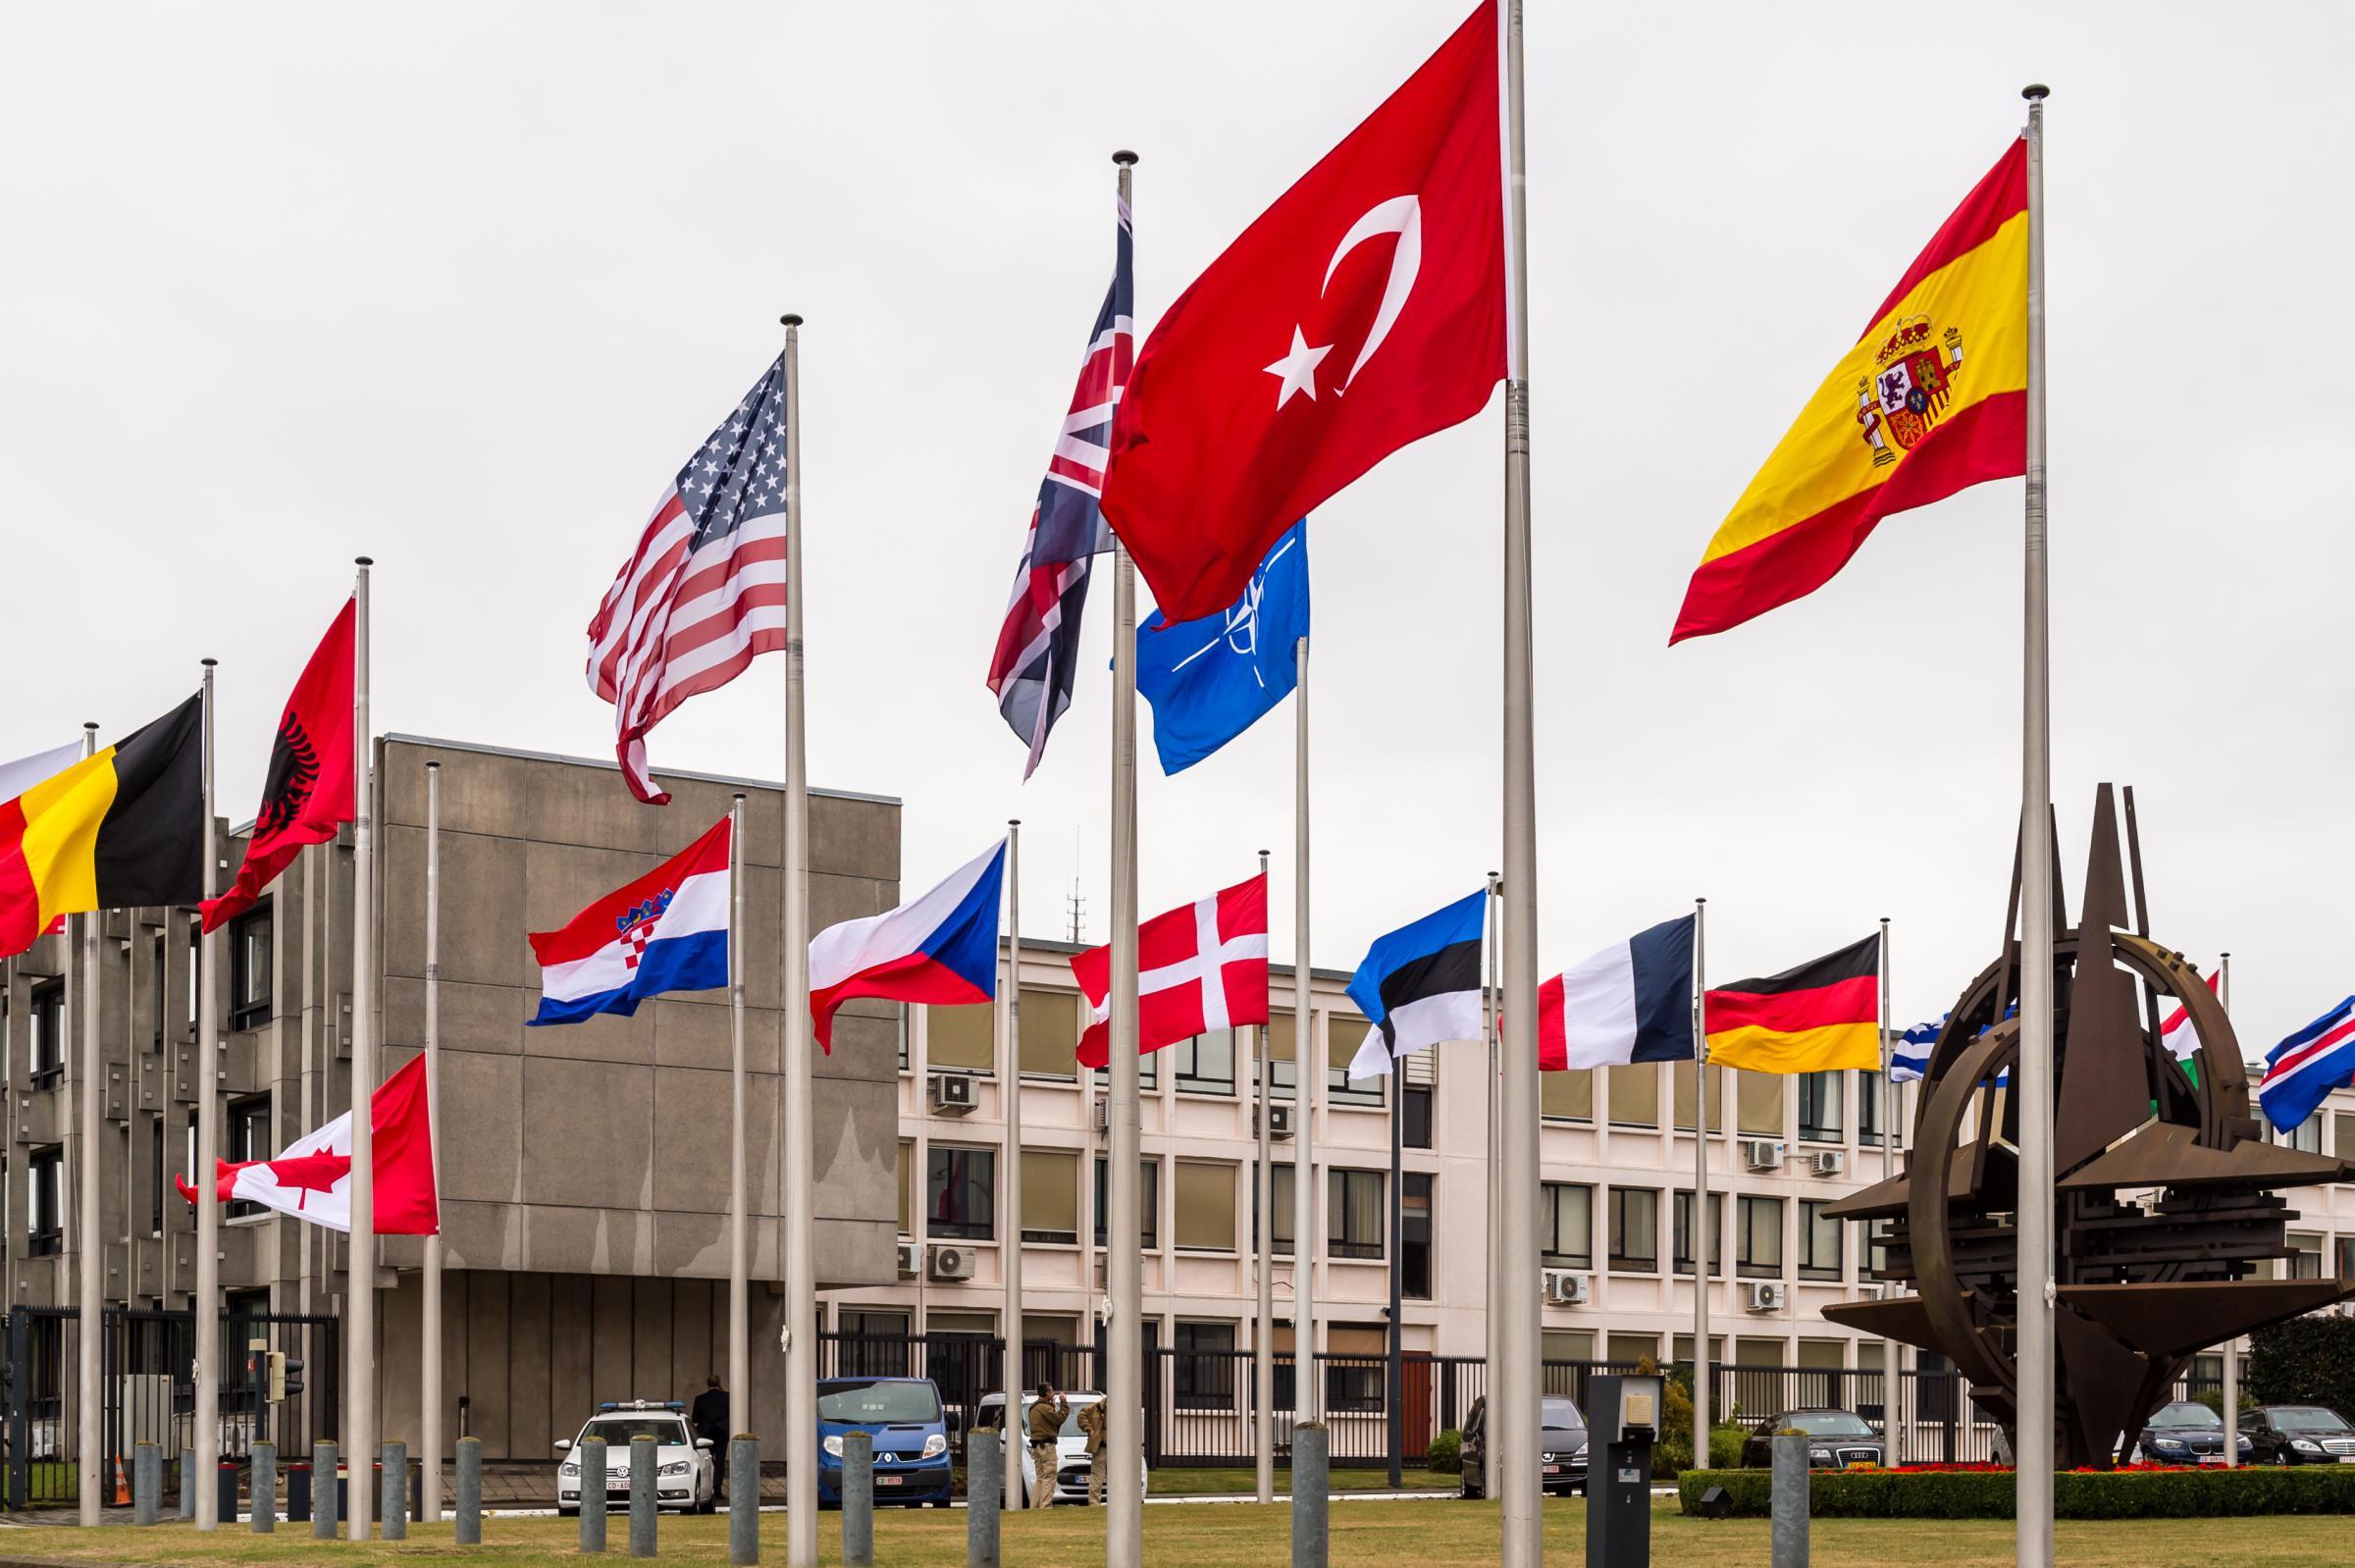 علاقات تركيا بالغرب والسعي إلى استقلالية القرار